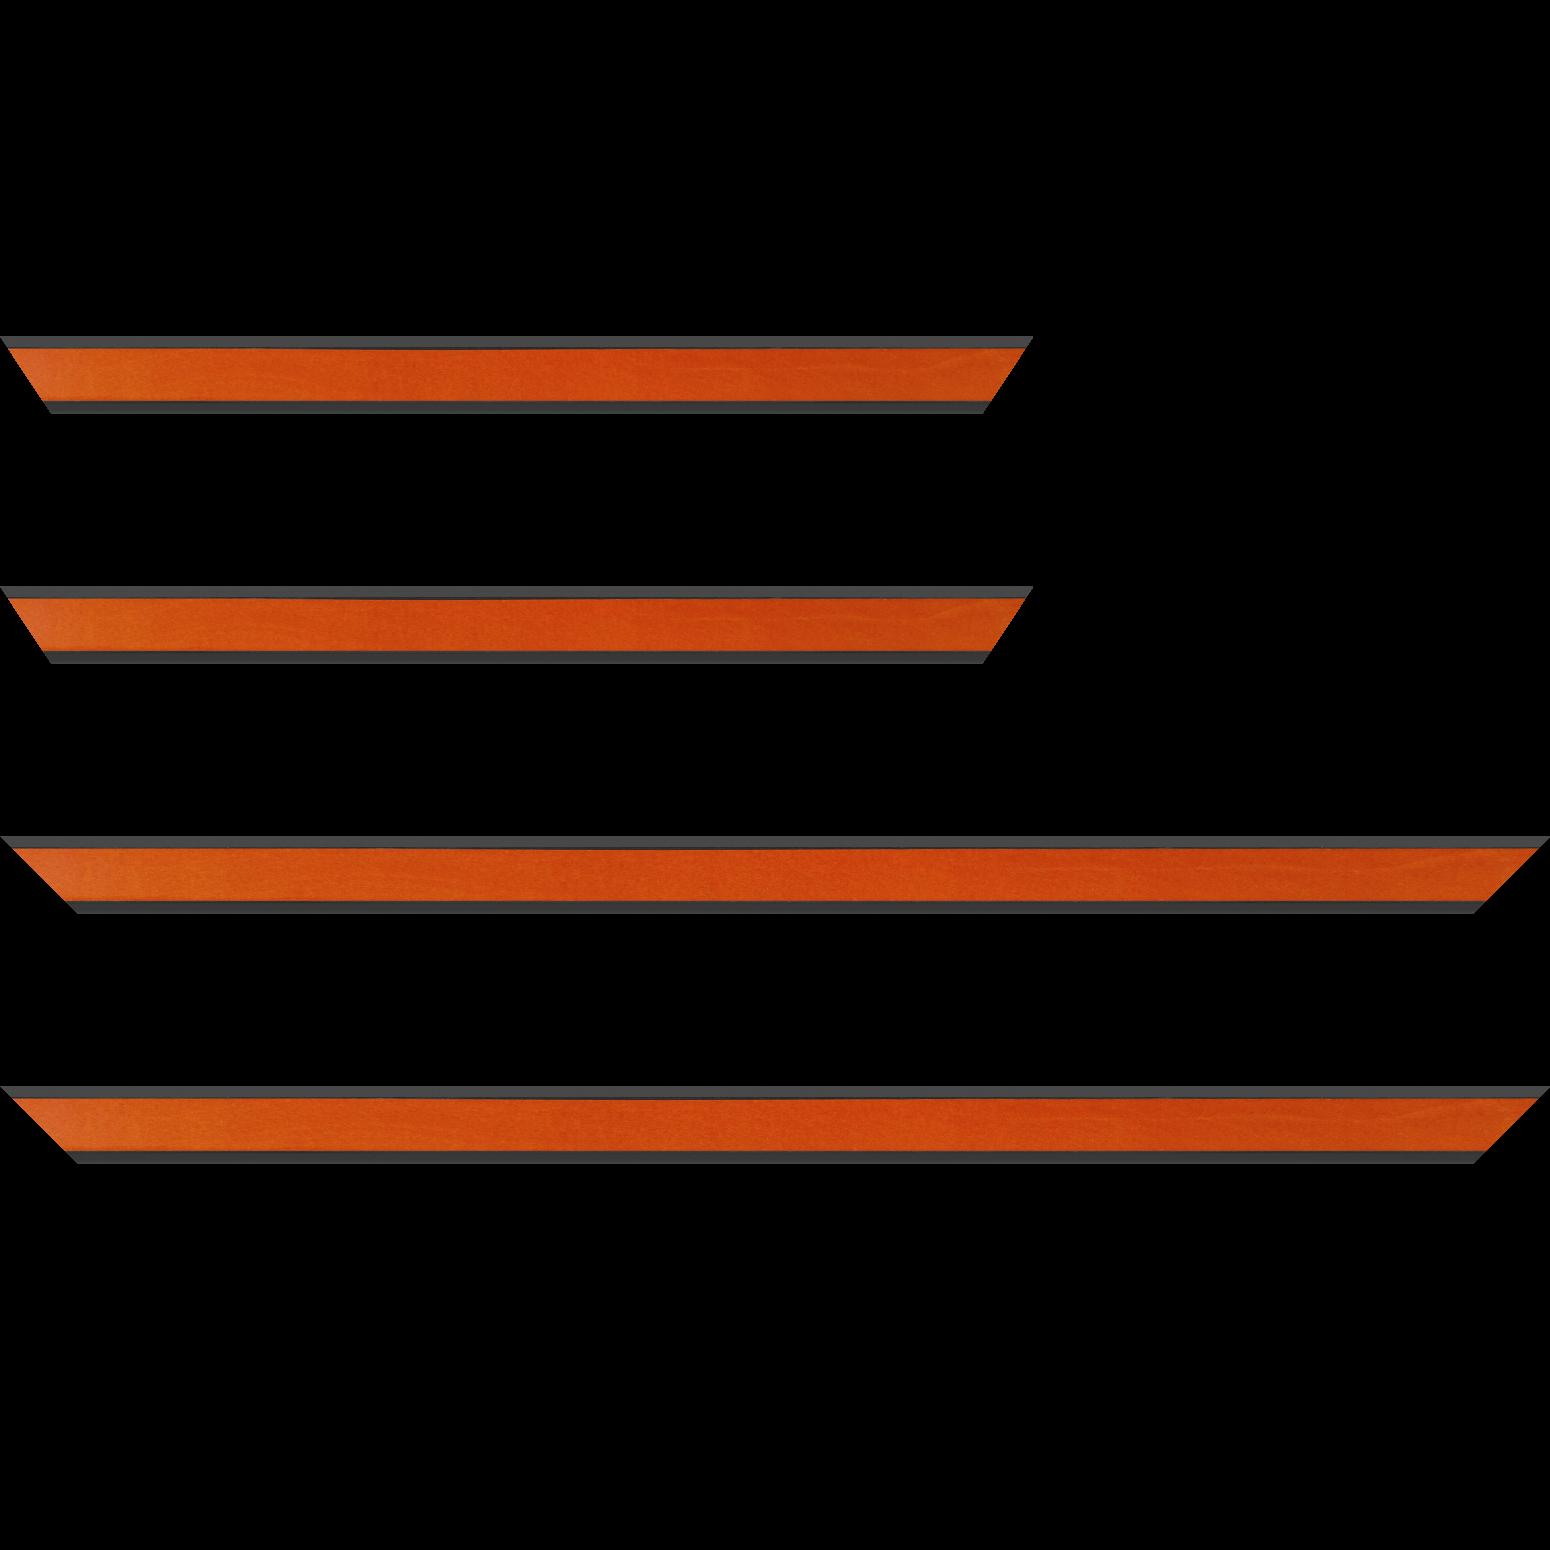 Baguette service précoupé Bois essence marupa profil plat largeur 2.5cm plaquage érable teinté orange,  filet intérieur et extérieur gris foncé